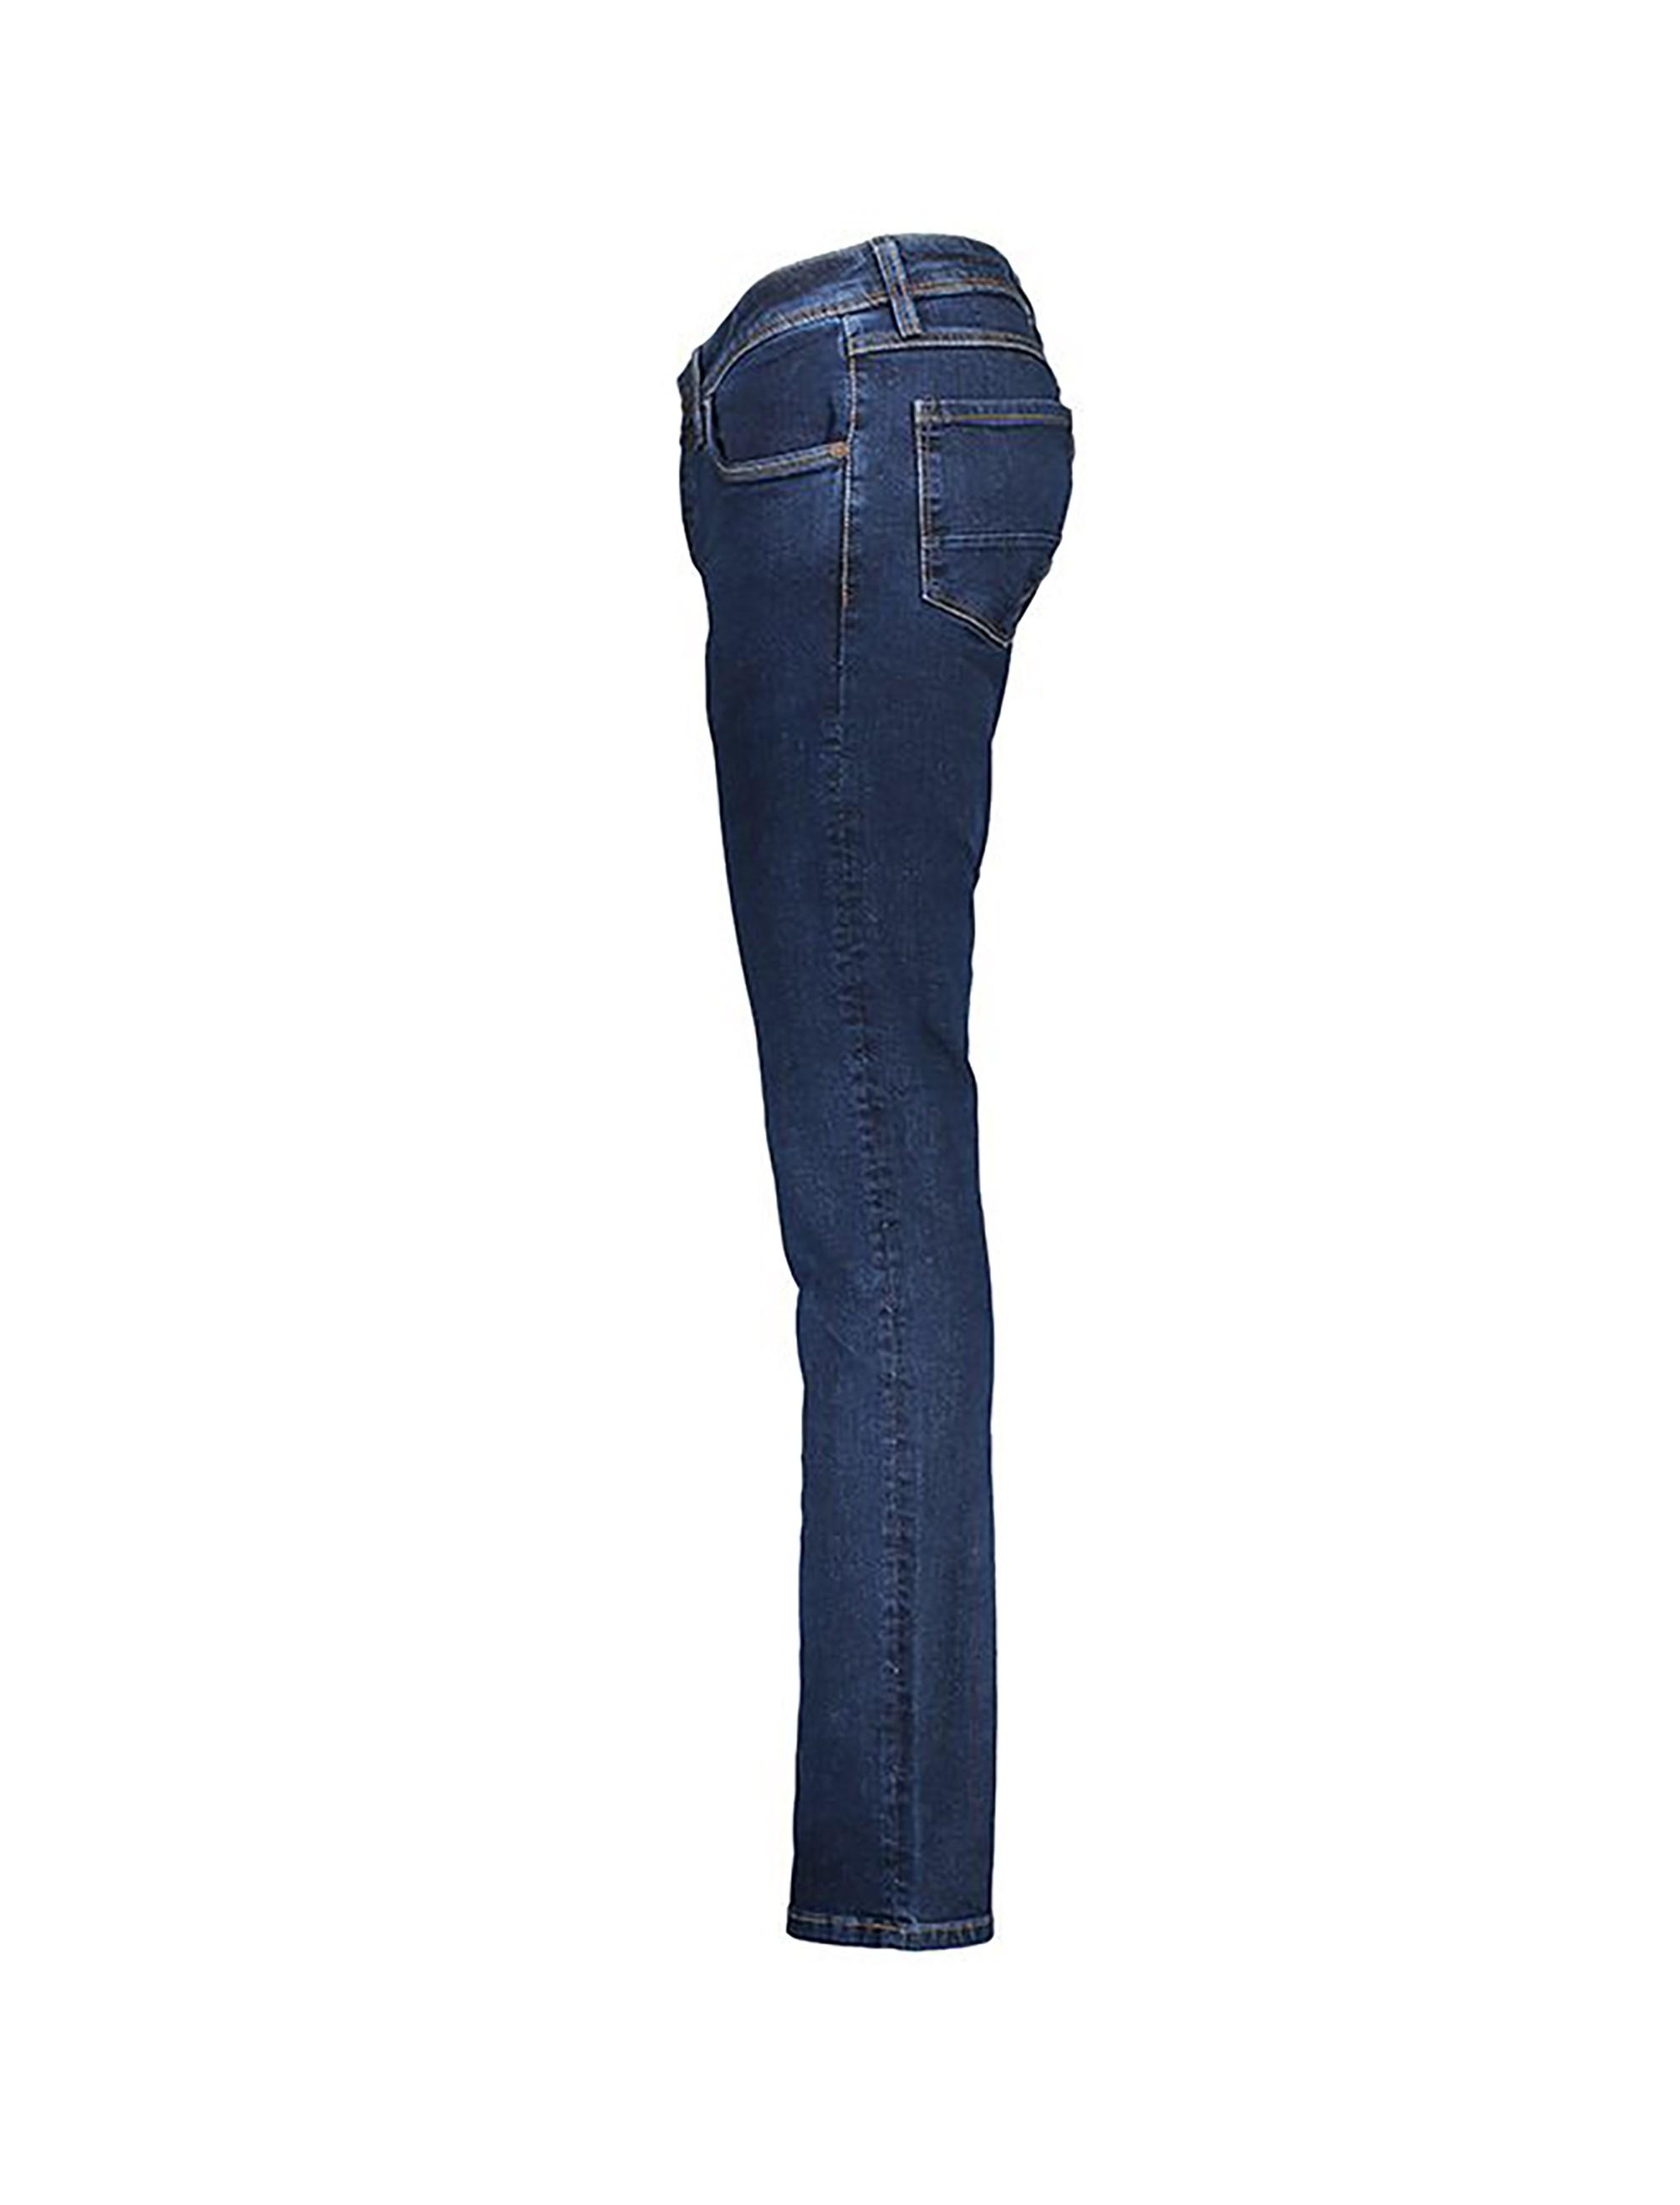 شلوار جین راسته مردانه - پاتن جامه main 1 3